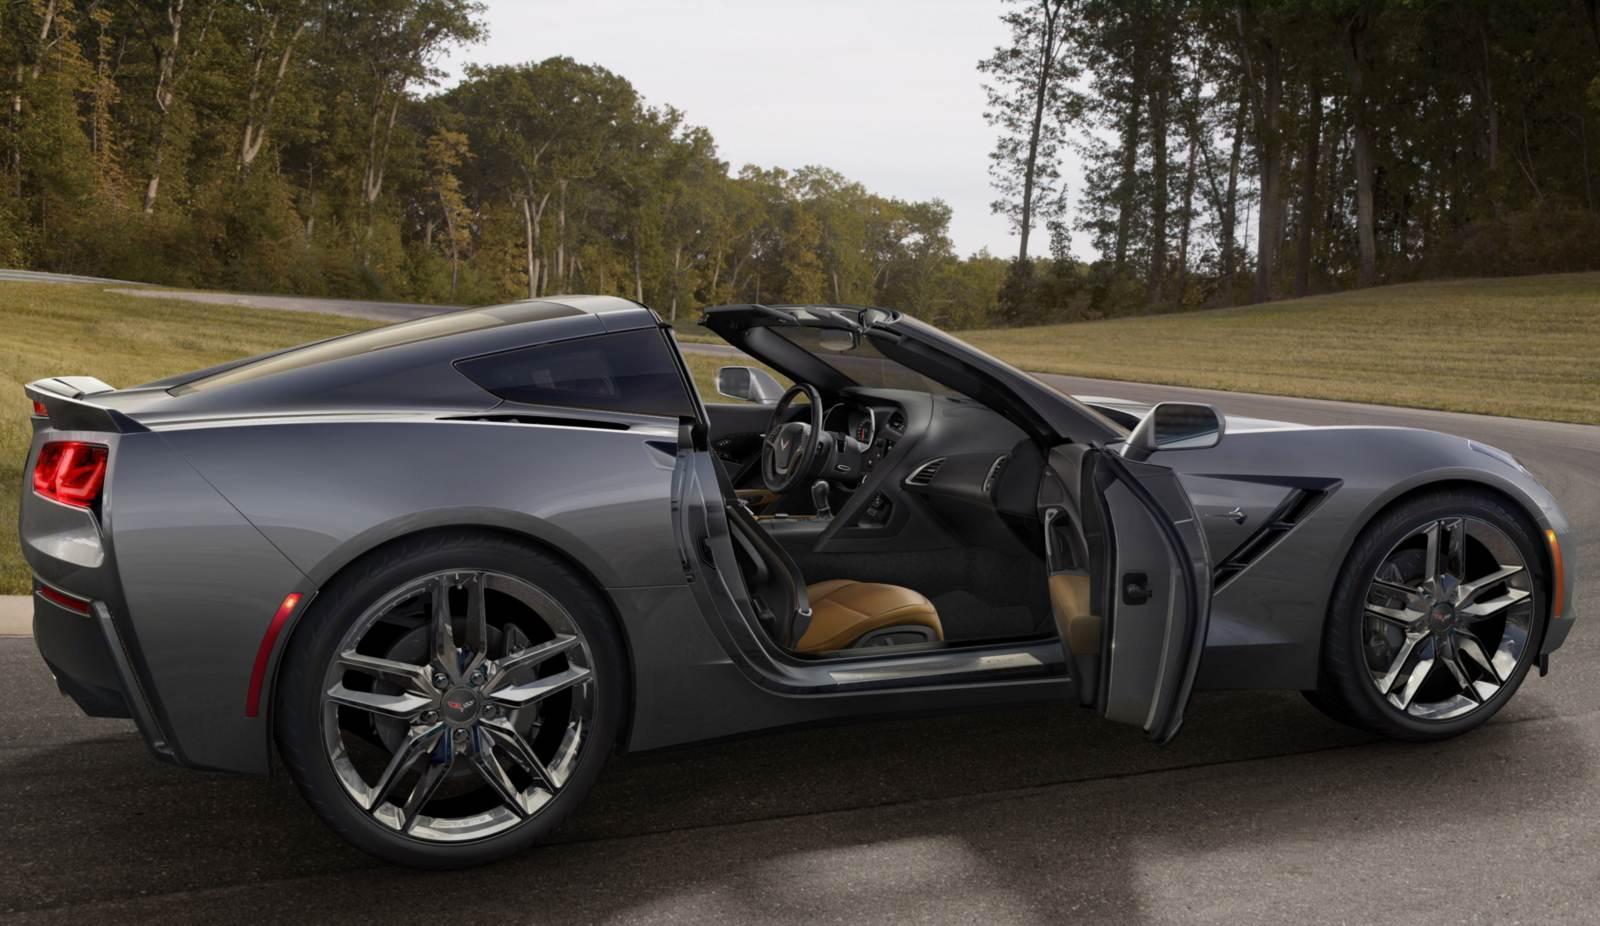 chevrolet corvette stingray 2014 fotos e informa es car blog br. Black Bedroom Furniture Sets. Home Design Ideas